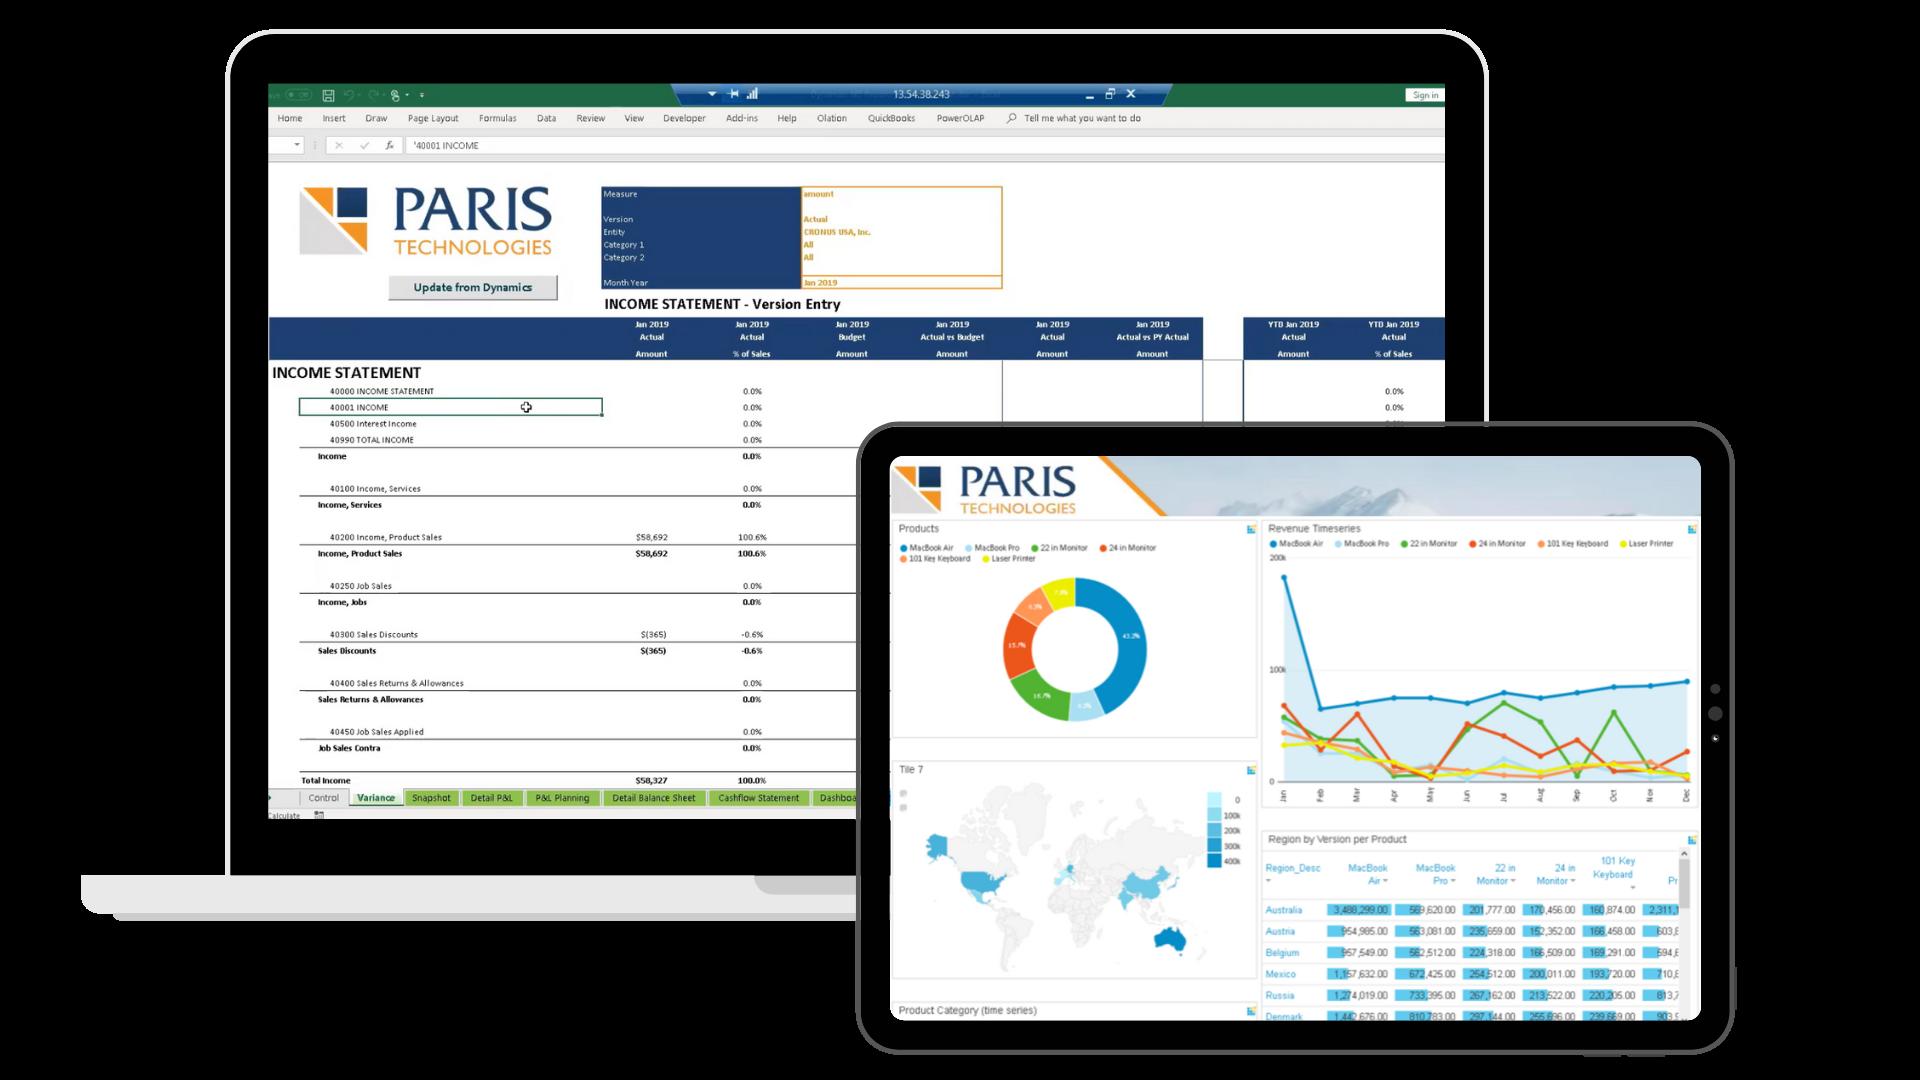 PARIS laptop tablet